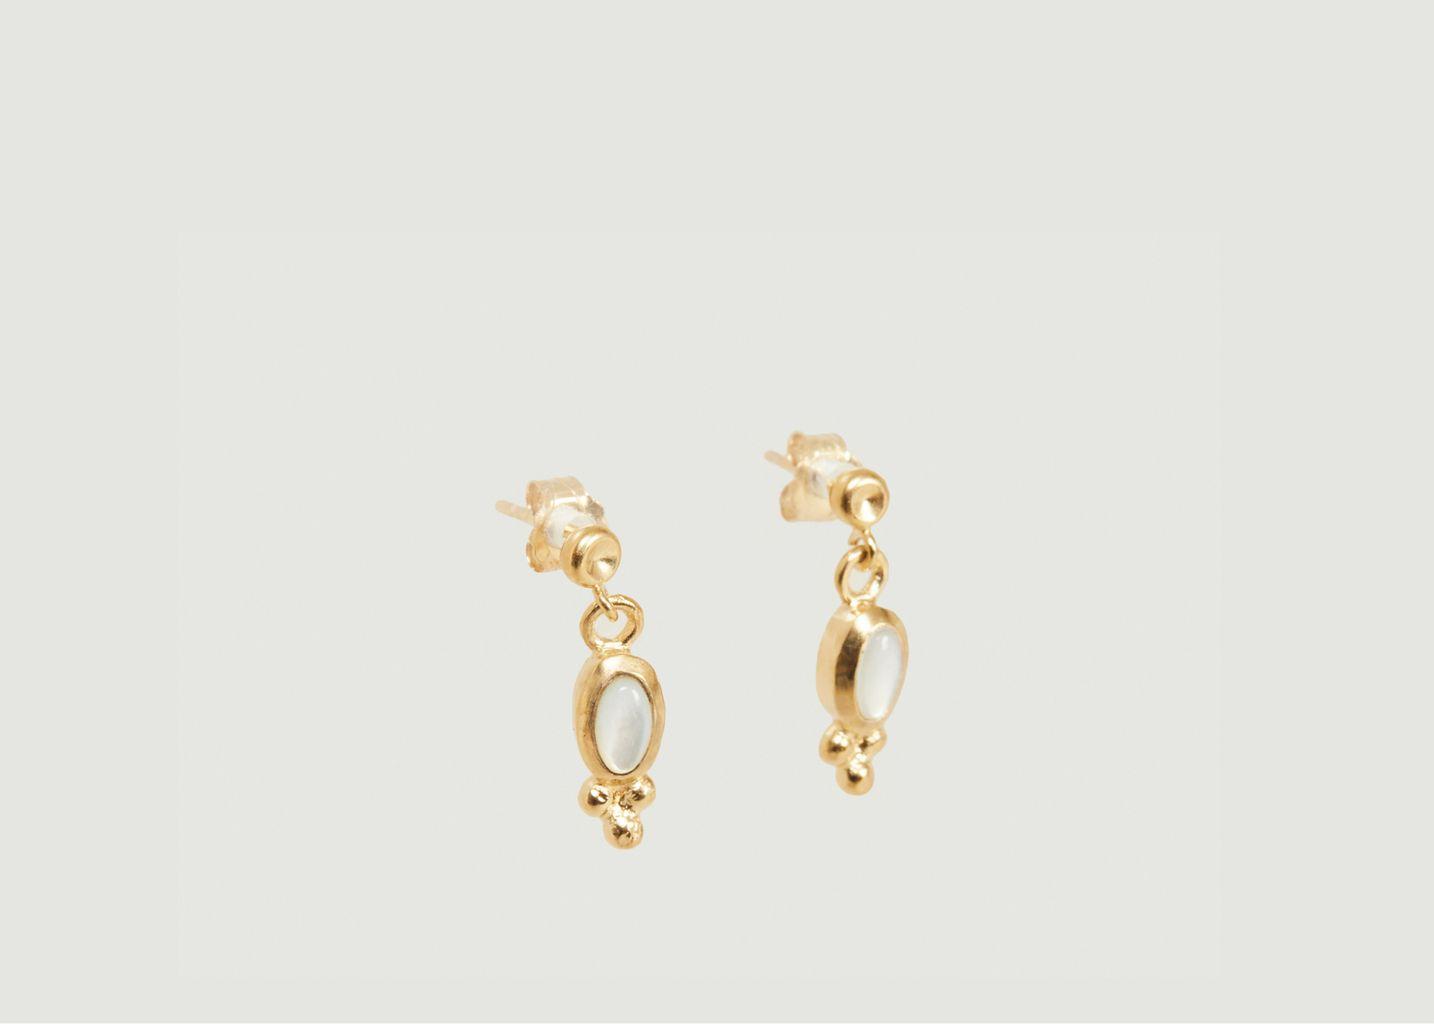 Boucles d'oreilles Lila nacre - Monsieur